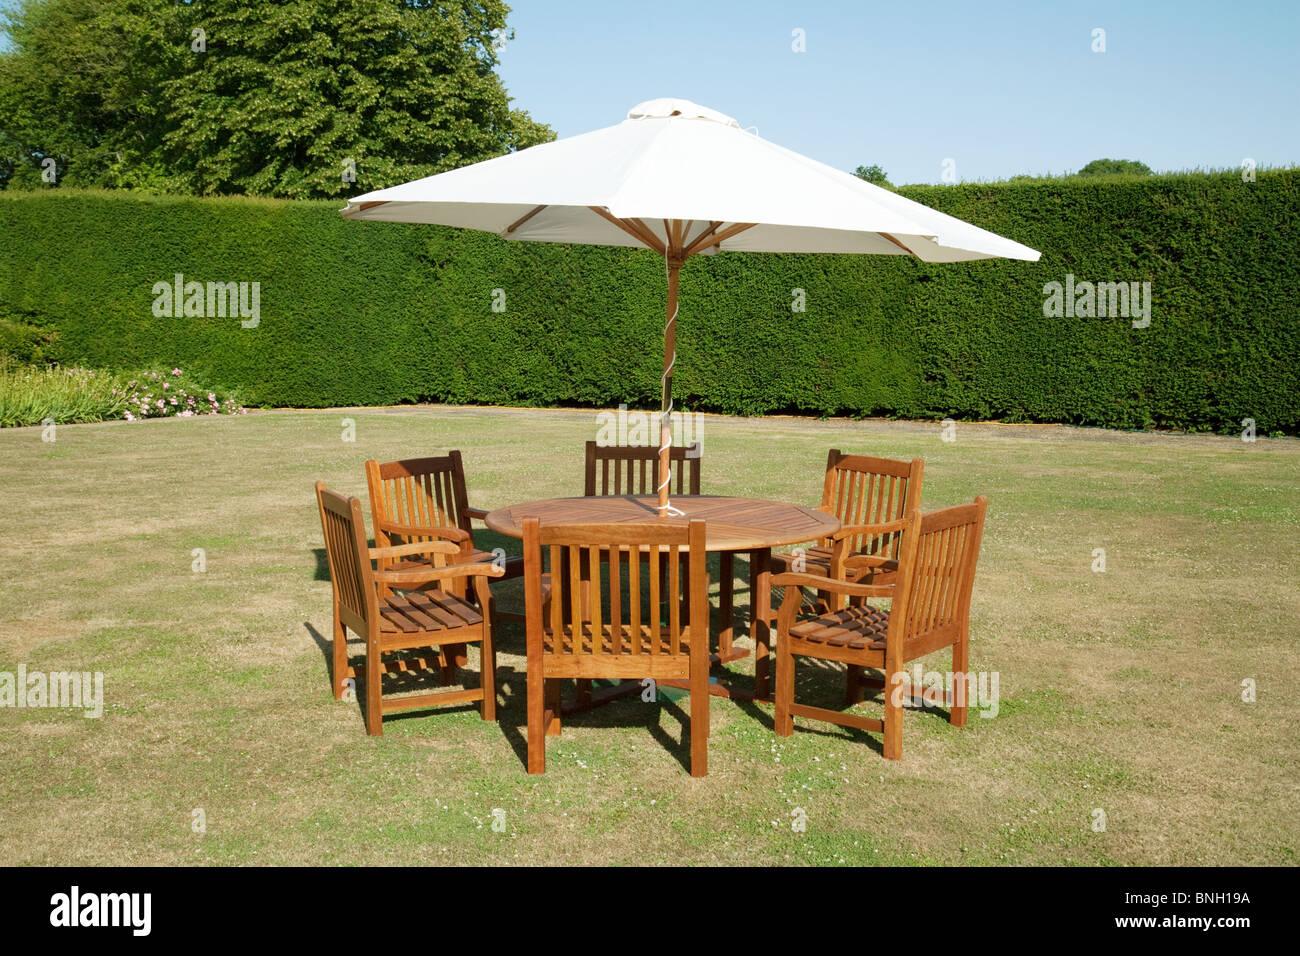 Gartentisch Stuhle Und Sonnenschirm An Einem Sommertag In Kent Uk